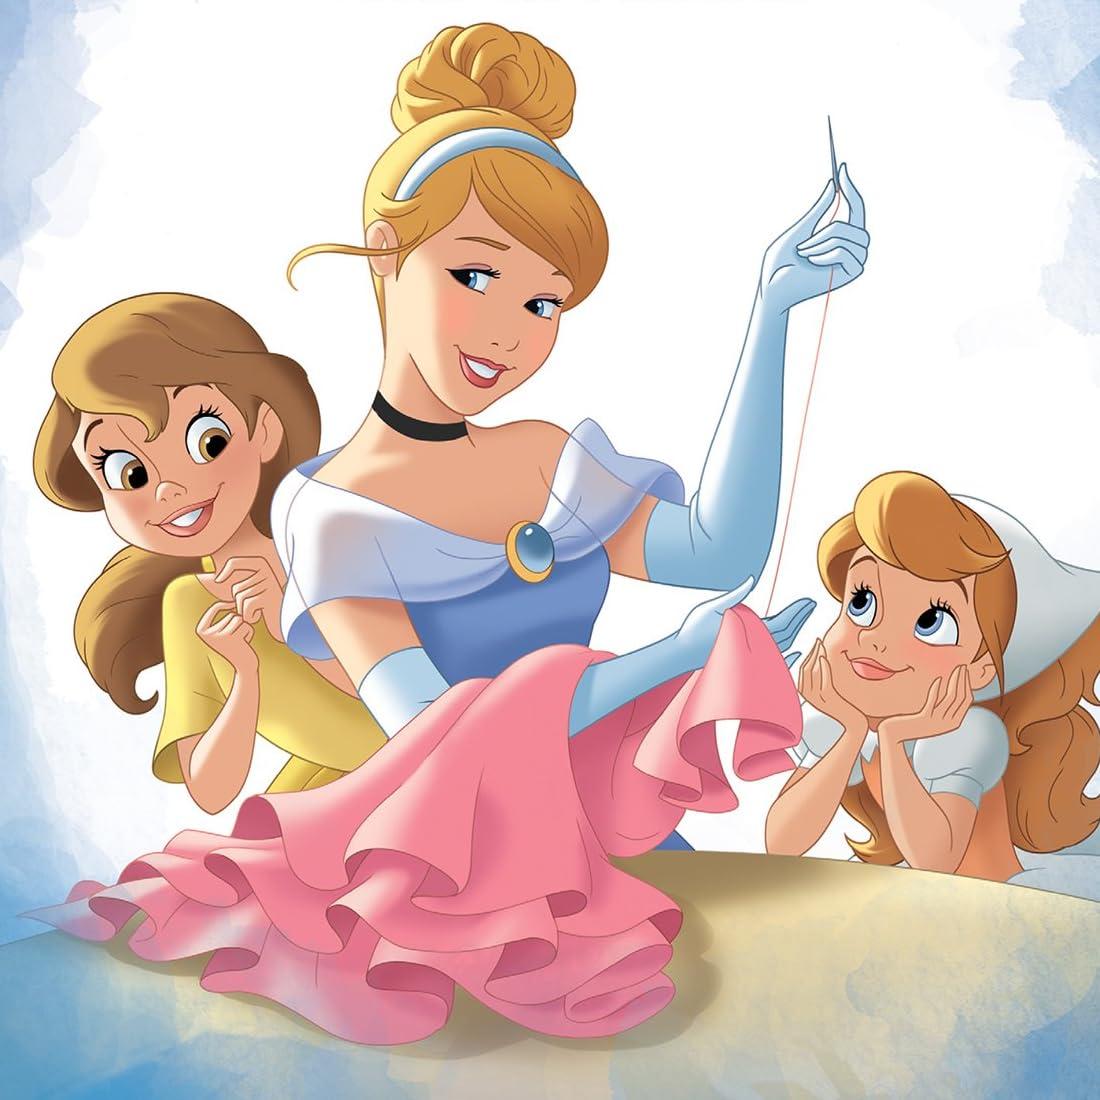 ディズニー シンデレラ Cinderella Ipad壁紙 画像64729 スマポ